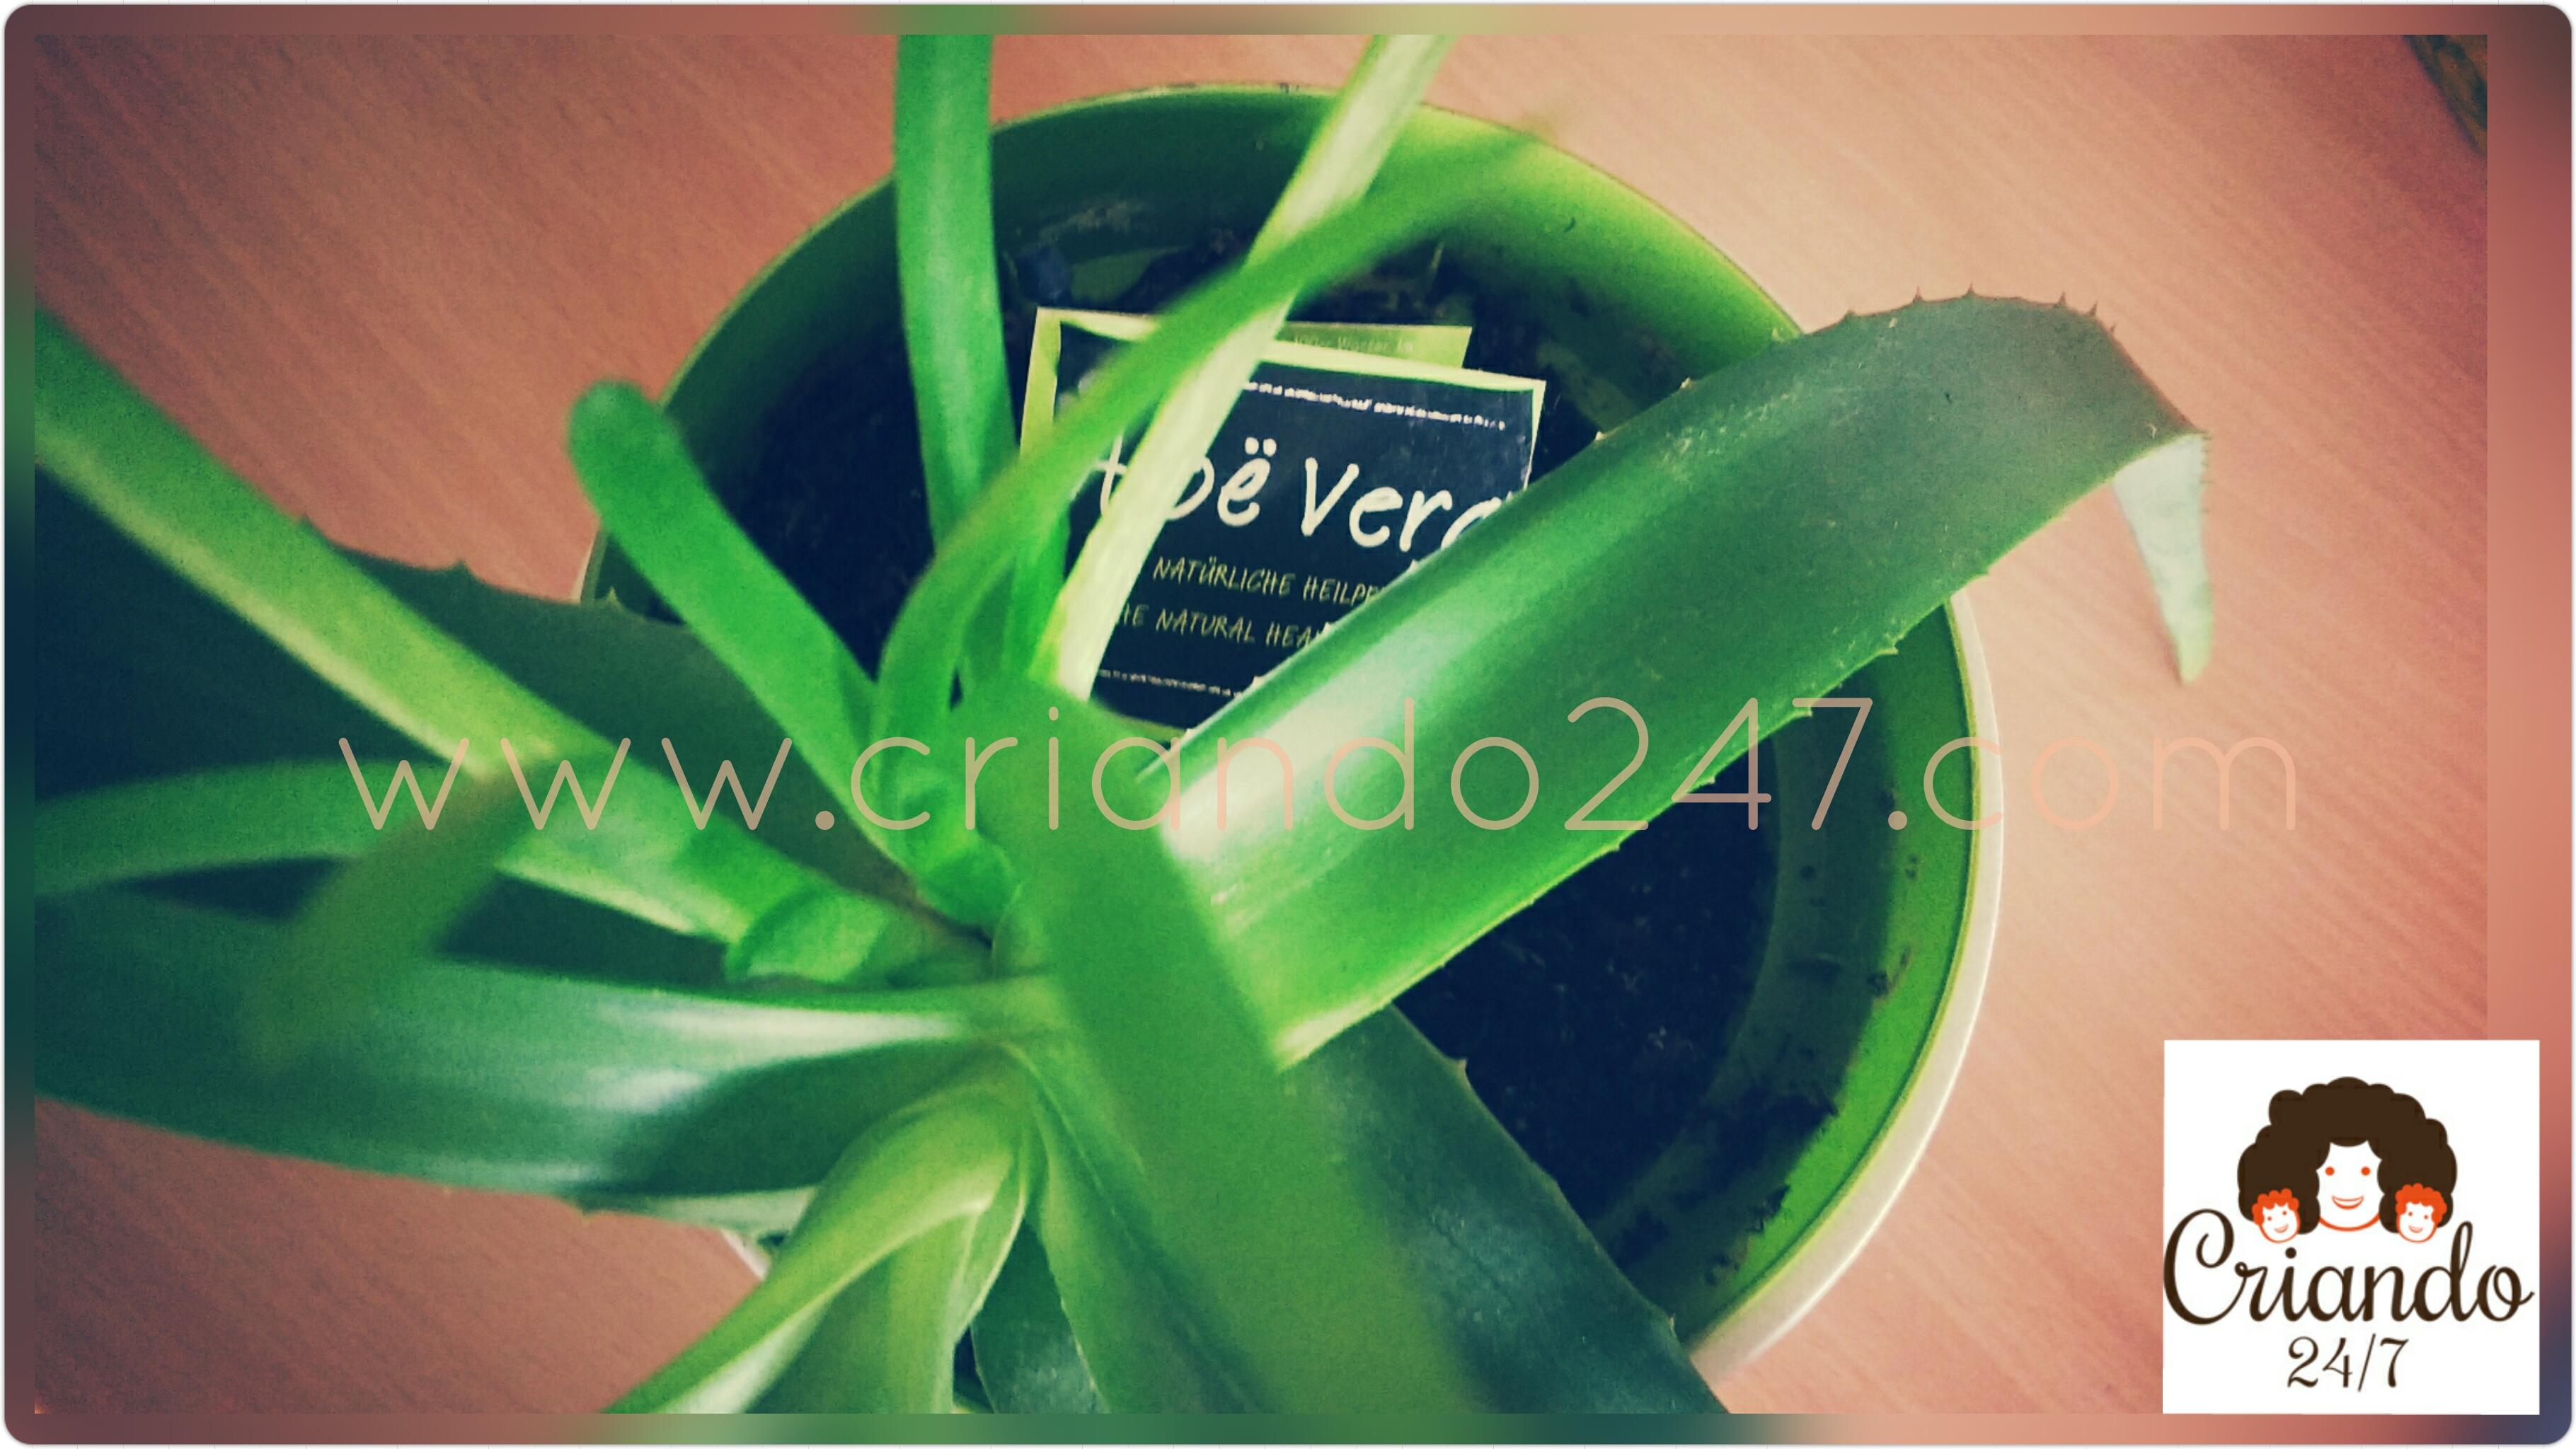 Criando247 Aloe Vera3